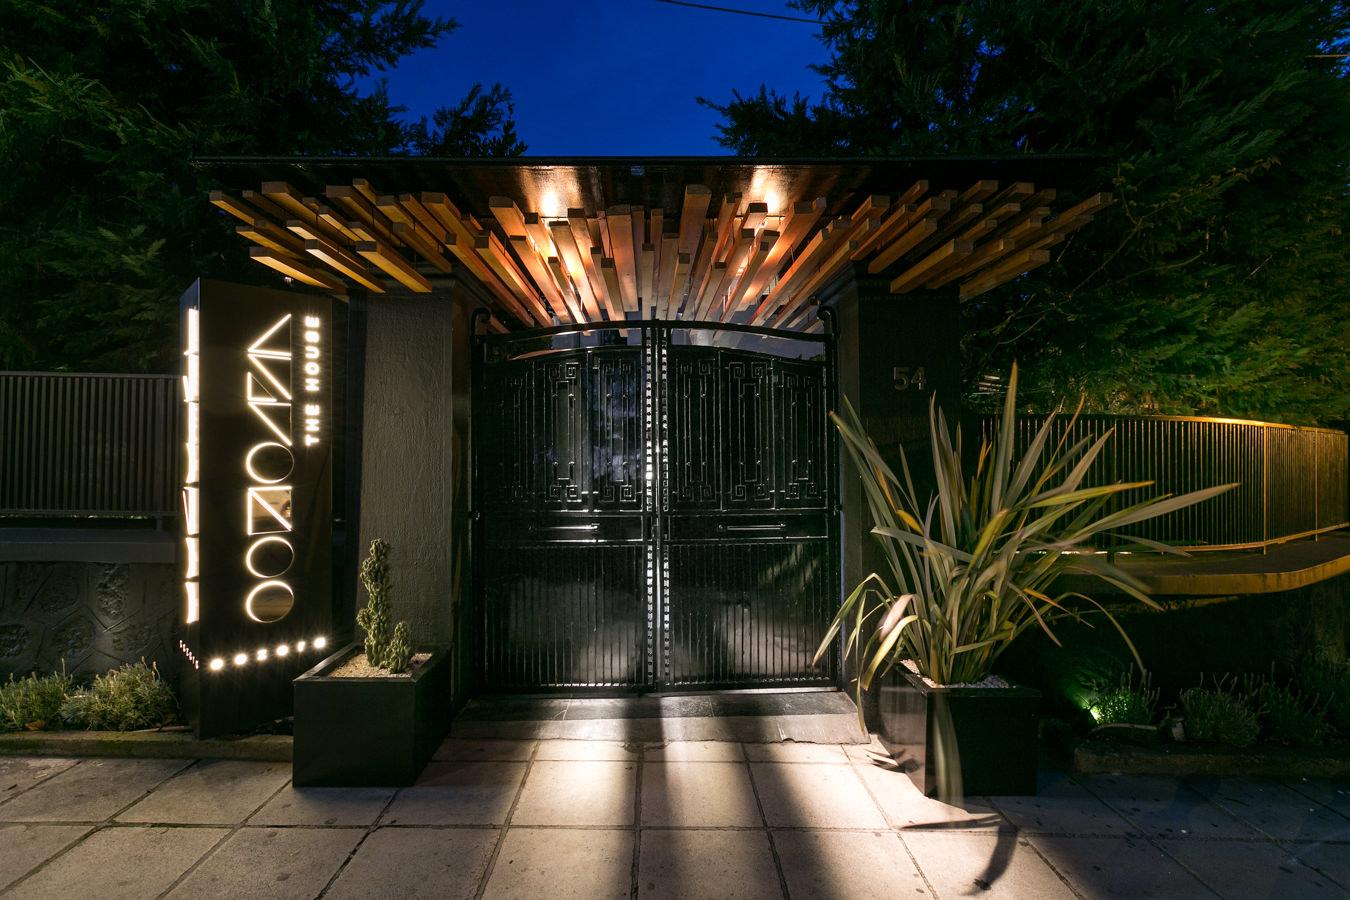 OOZORA, Γιώργος Φάκαρος - Αρχιτεκτονική Φωτογραφία | Εσωτερικοί Χώροι | Φωτογραφία Ξενοδοχειών - Photography / Φωτογραφία